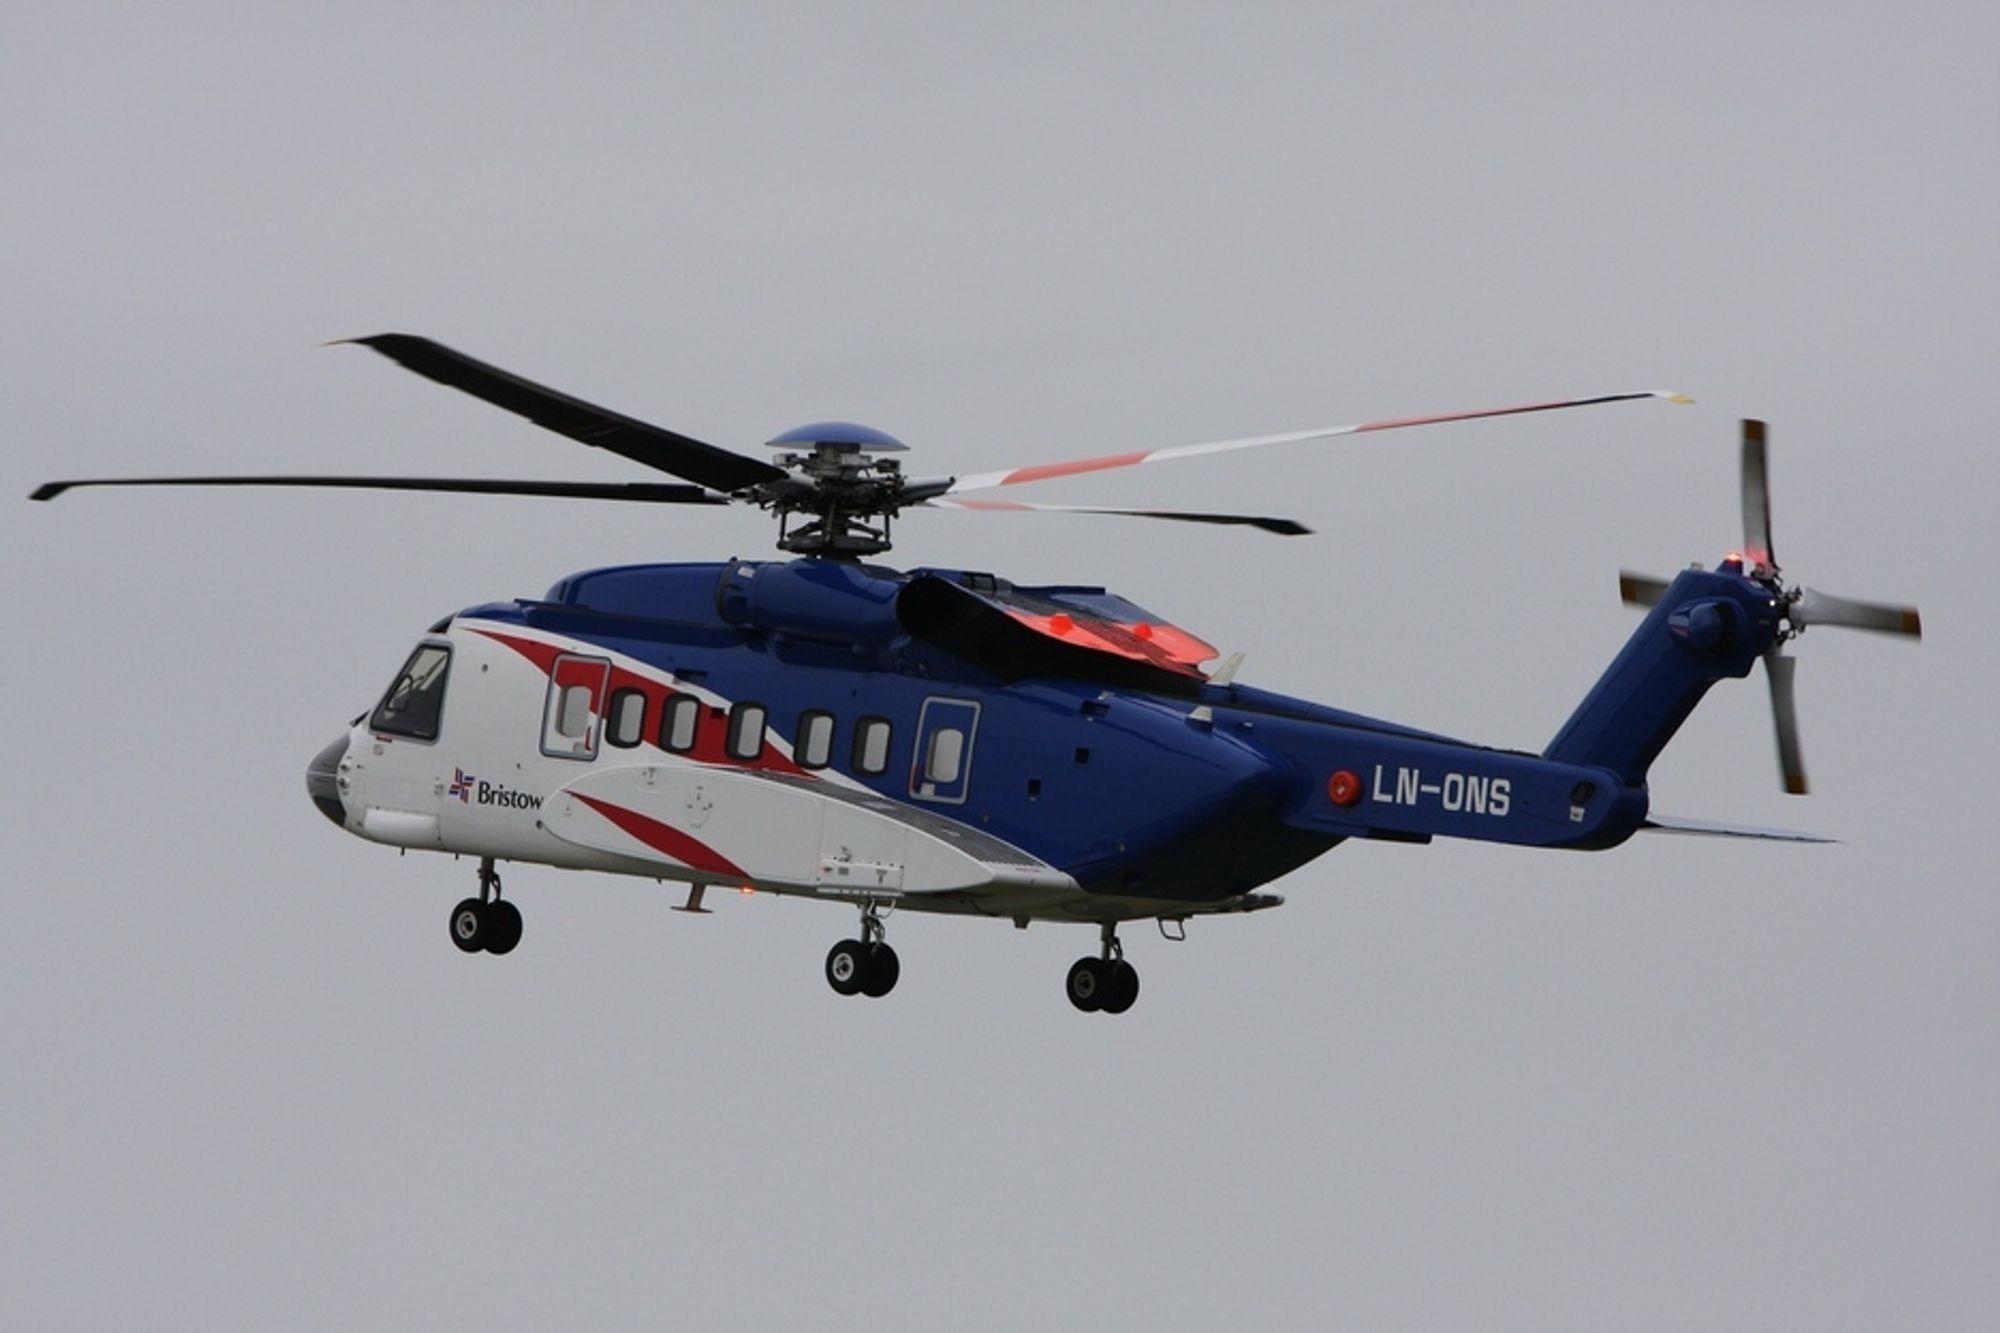 Det var helikopter av denne typen, en Sikorsky S-92A fra Bristow Norway, som tirsdag fikk motorproblemer på vei ut fra Sola. Det var 15 passasjerer og to flygere om bord.